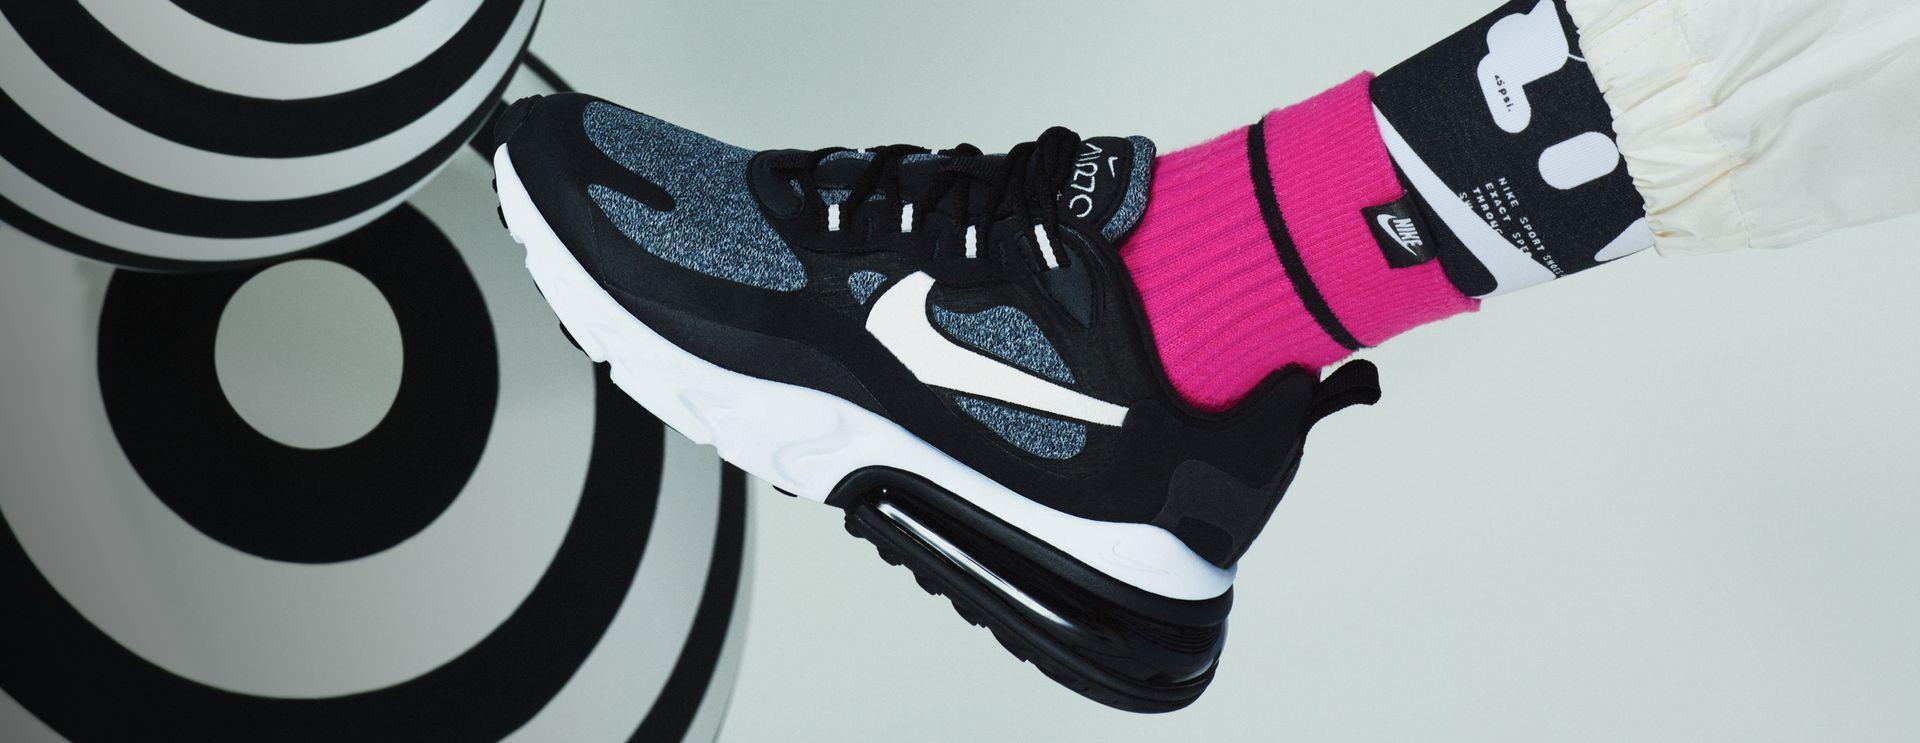 8381ee89 Nike. Just Do It. Nike.com